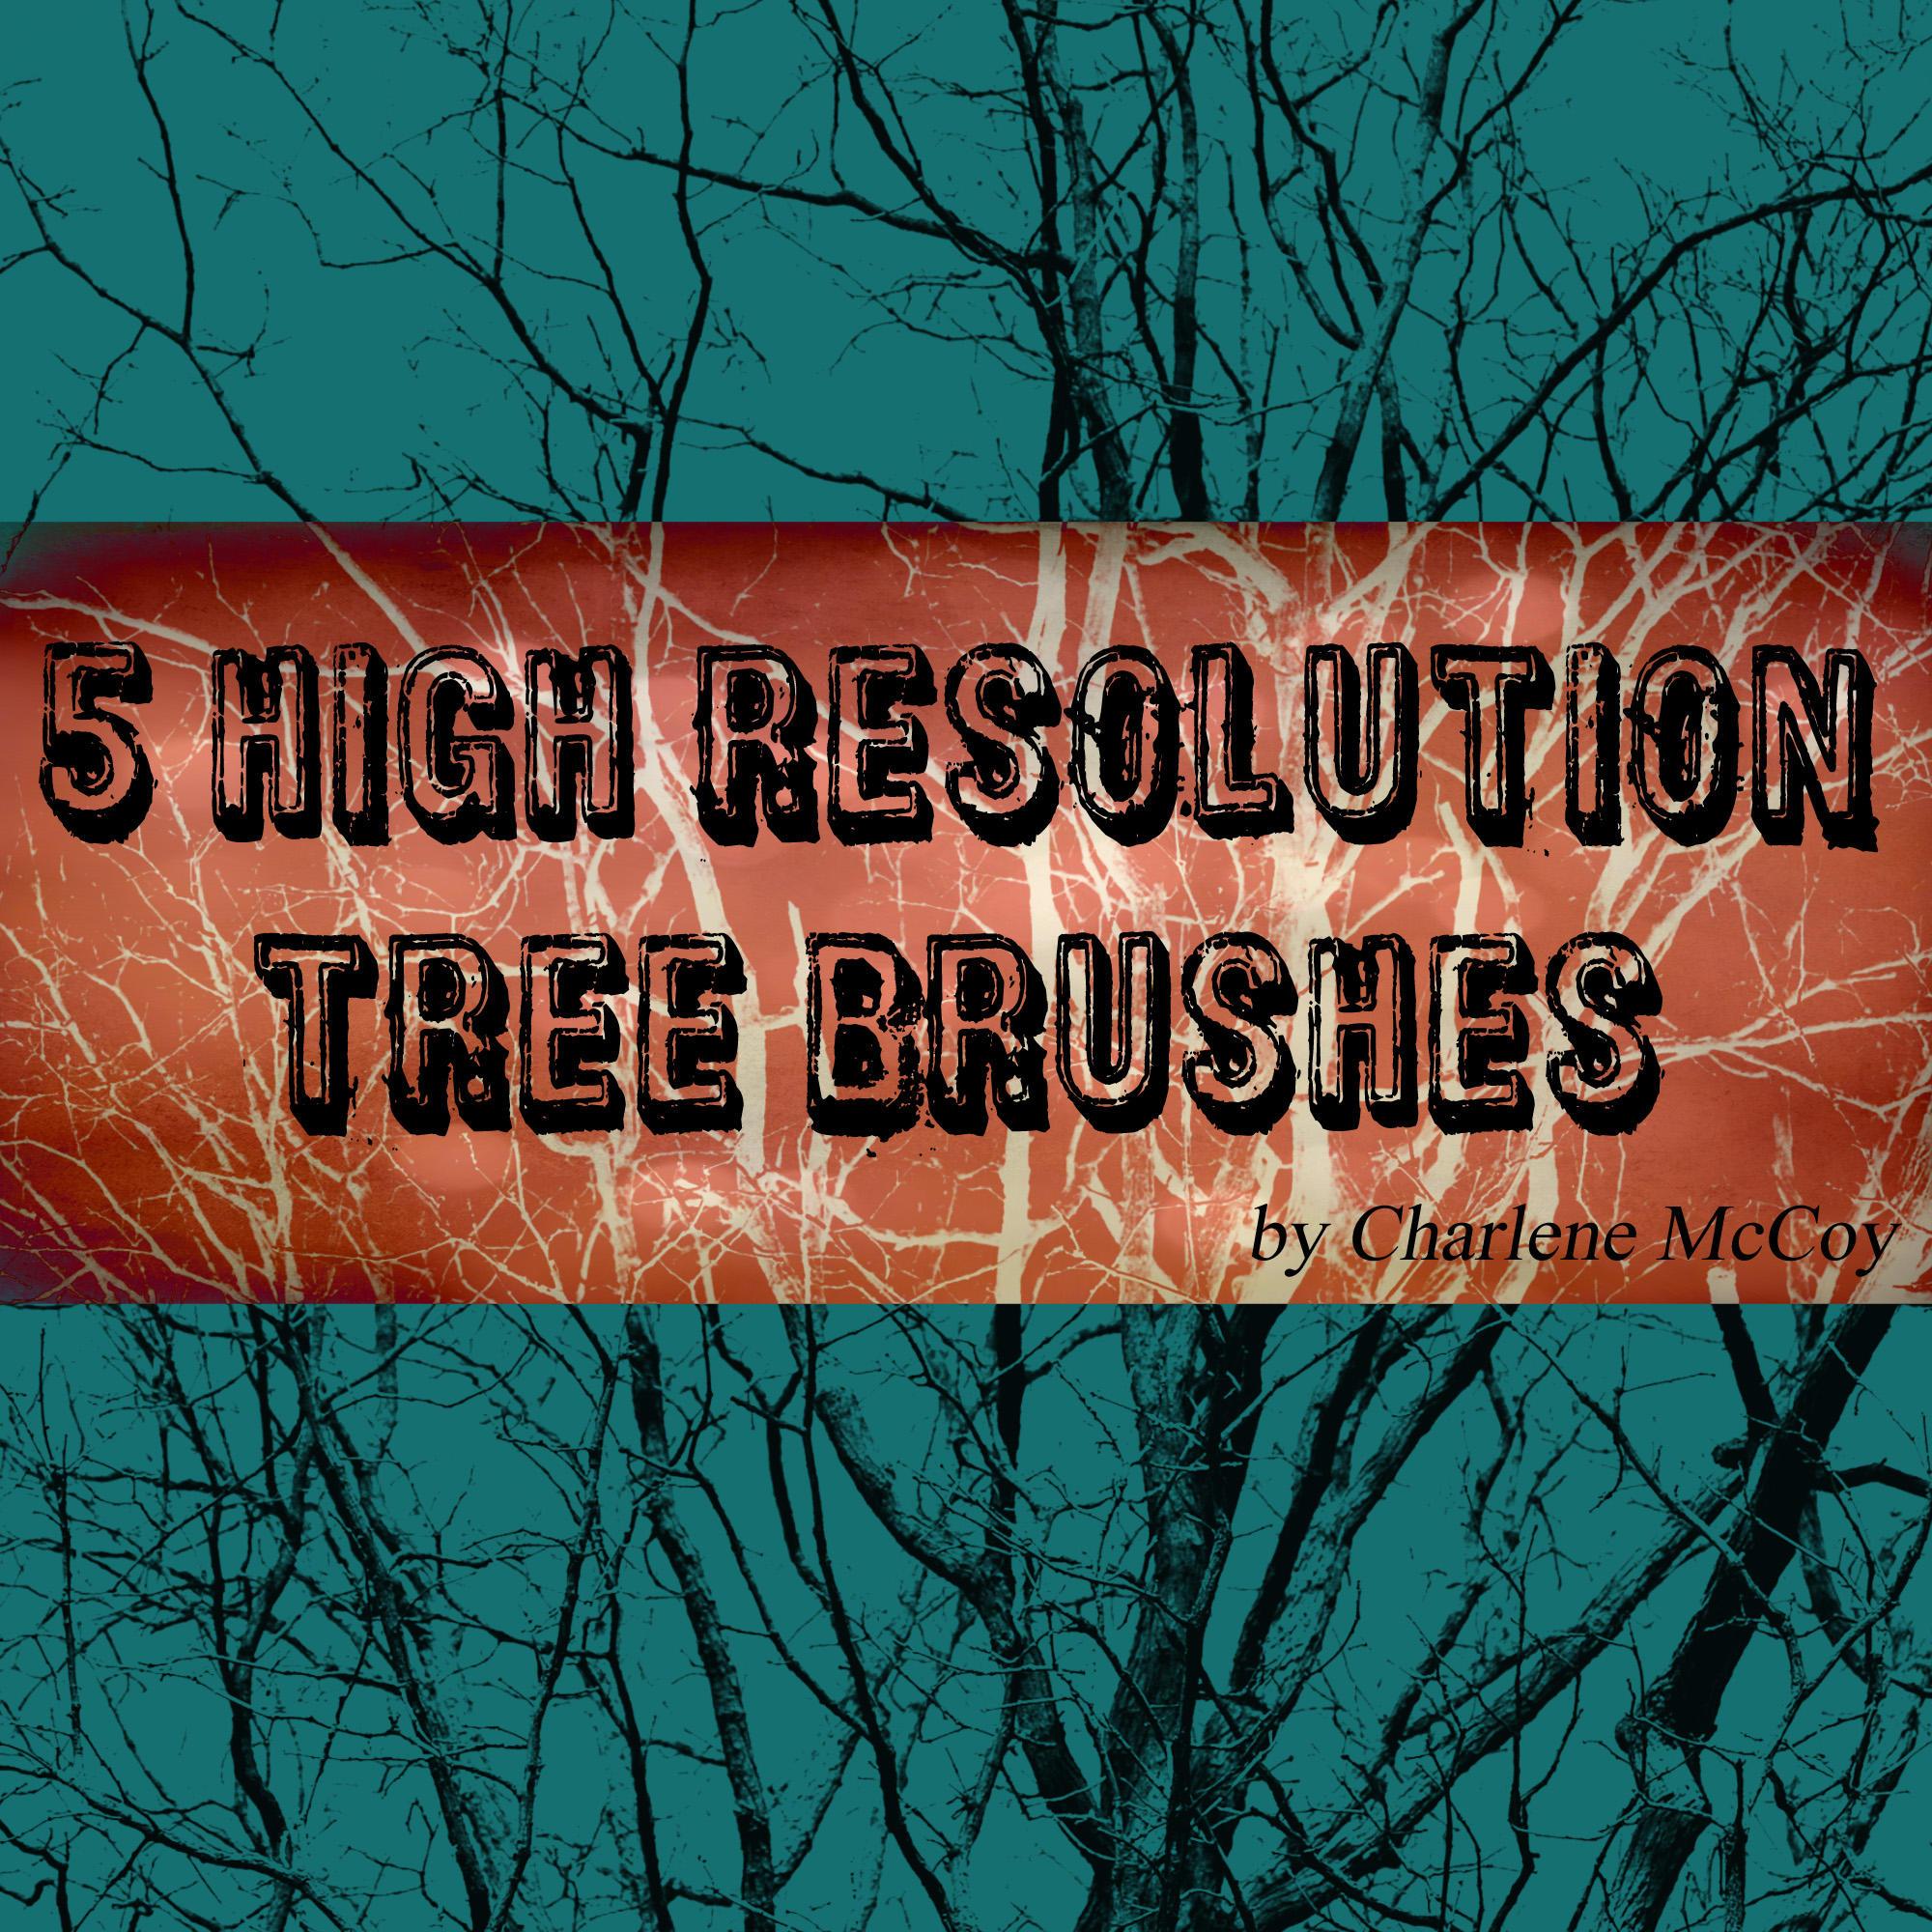 Photoshop Tree Brushes by cmccoyphoto